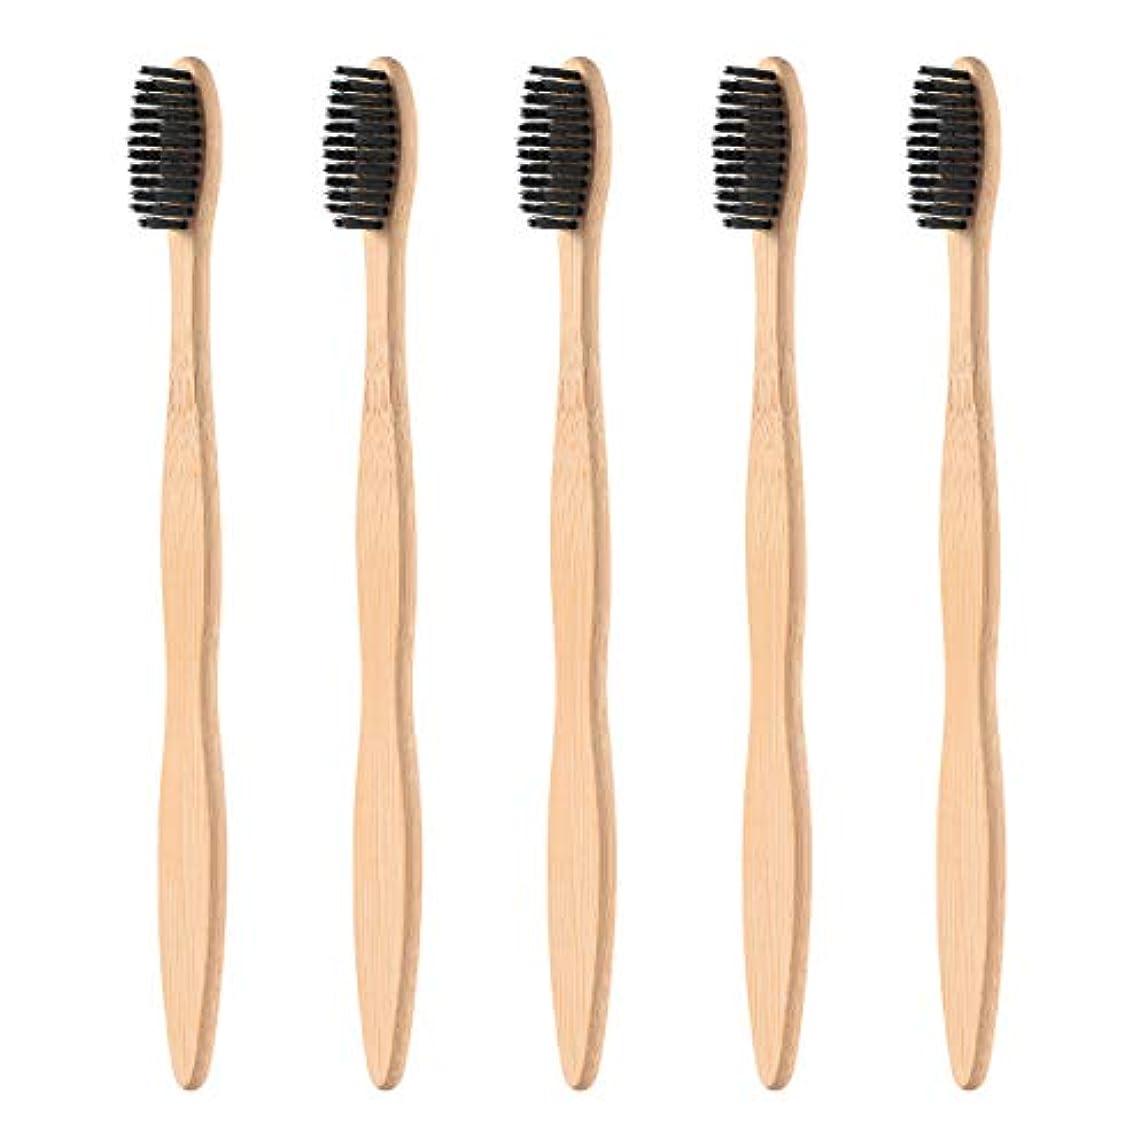 キャッシュ慣れる決めますSUPVOX 5本の天然竹製の歯ブラシ木製エコフレンドリーな歯ブラシで黒く柔らかい剛毛